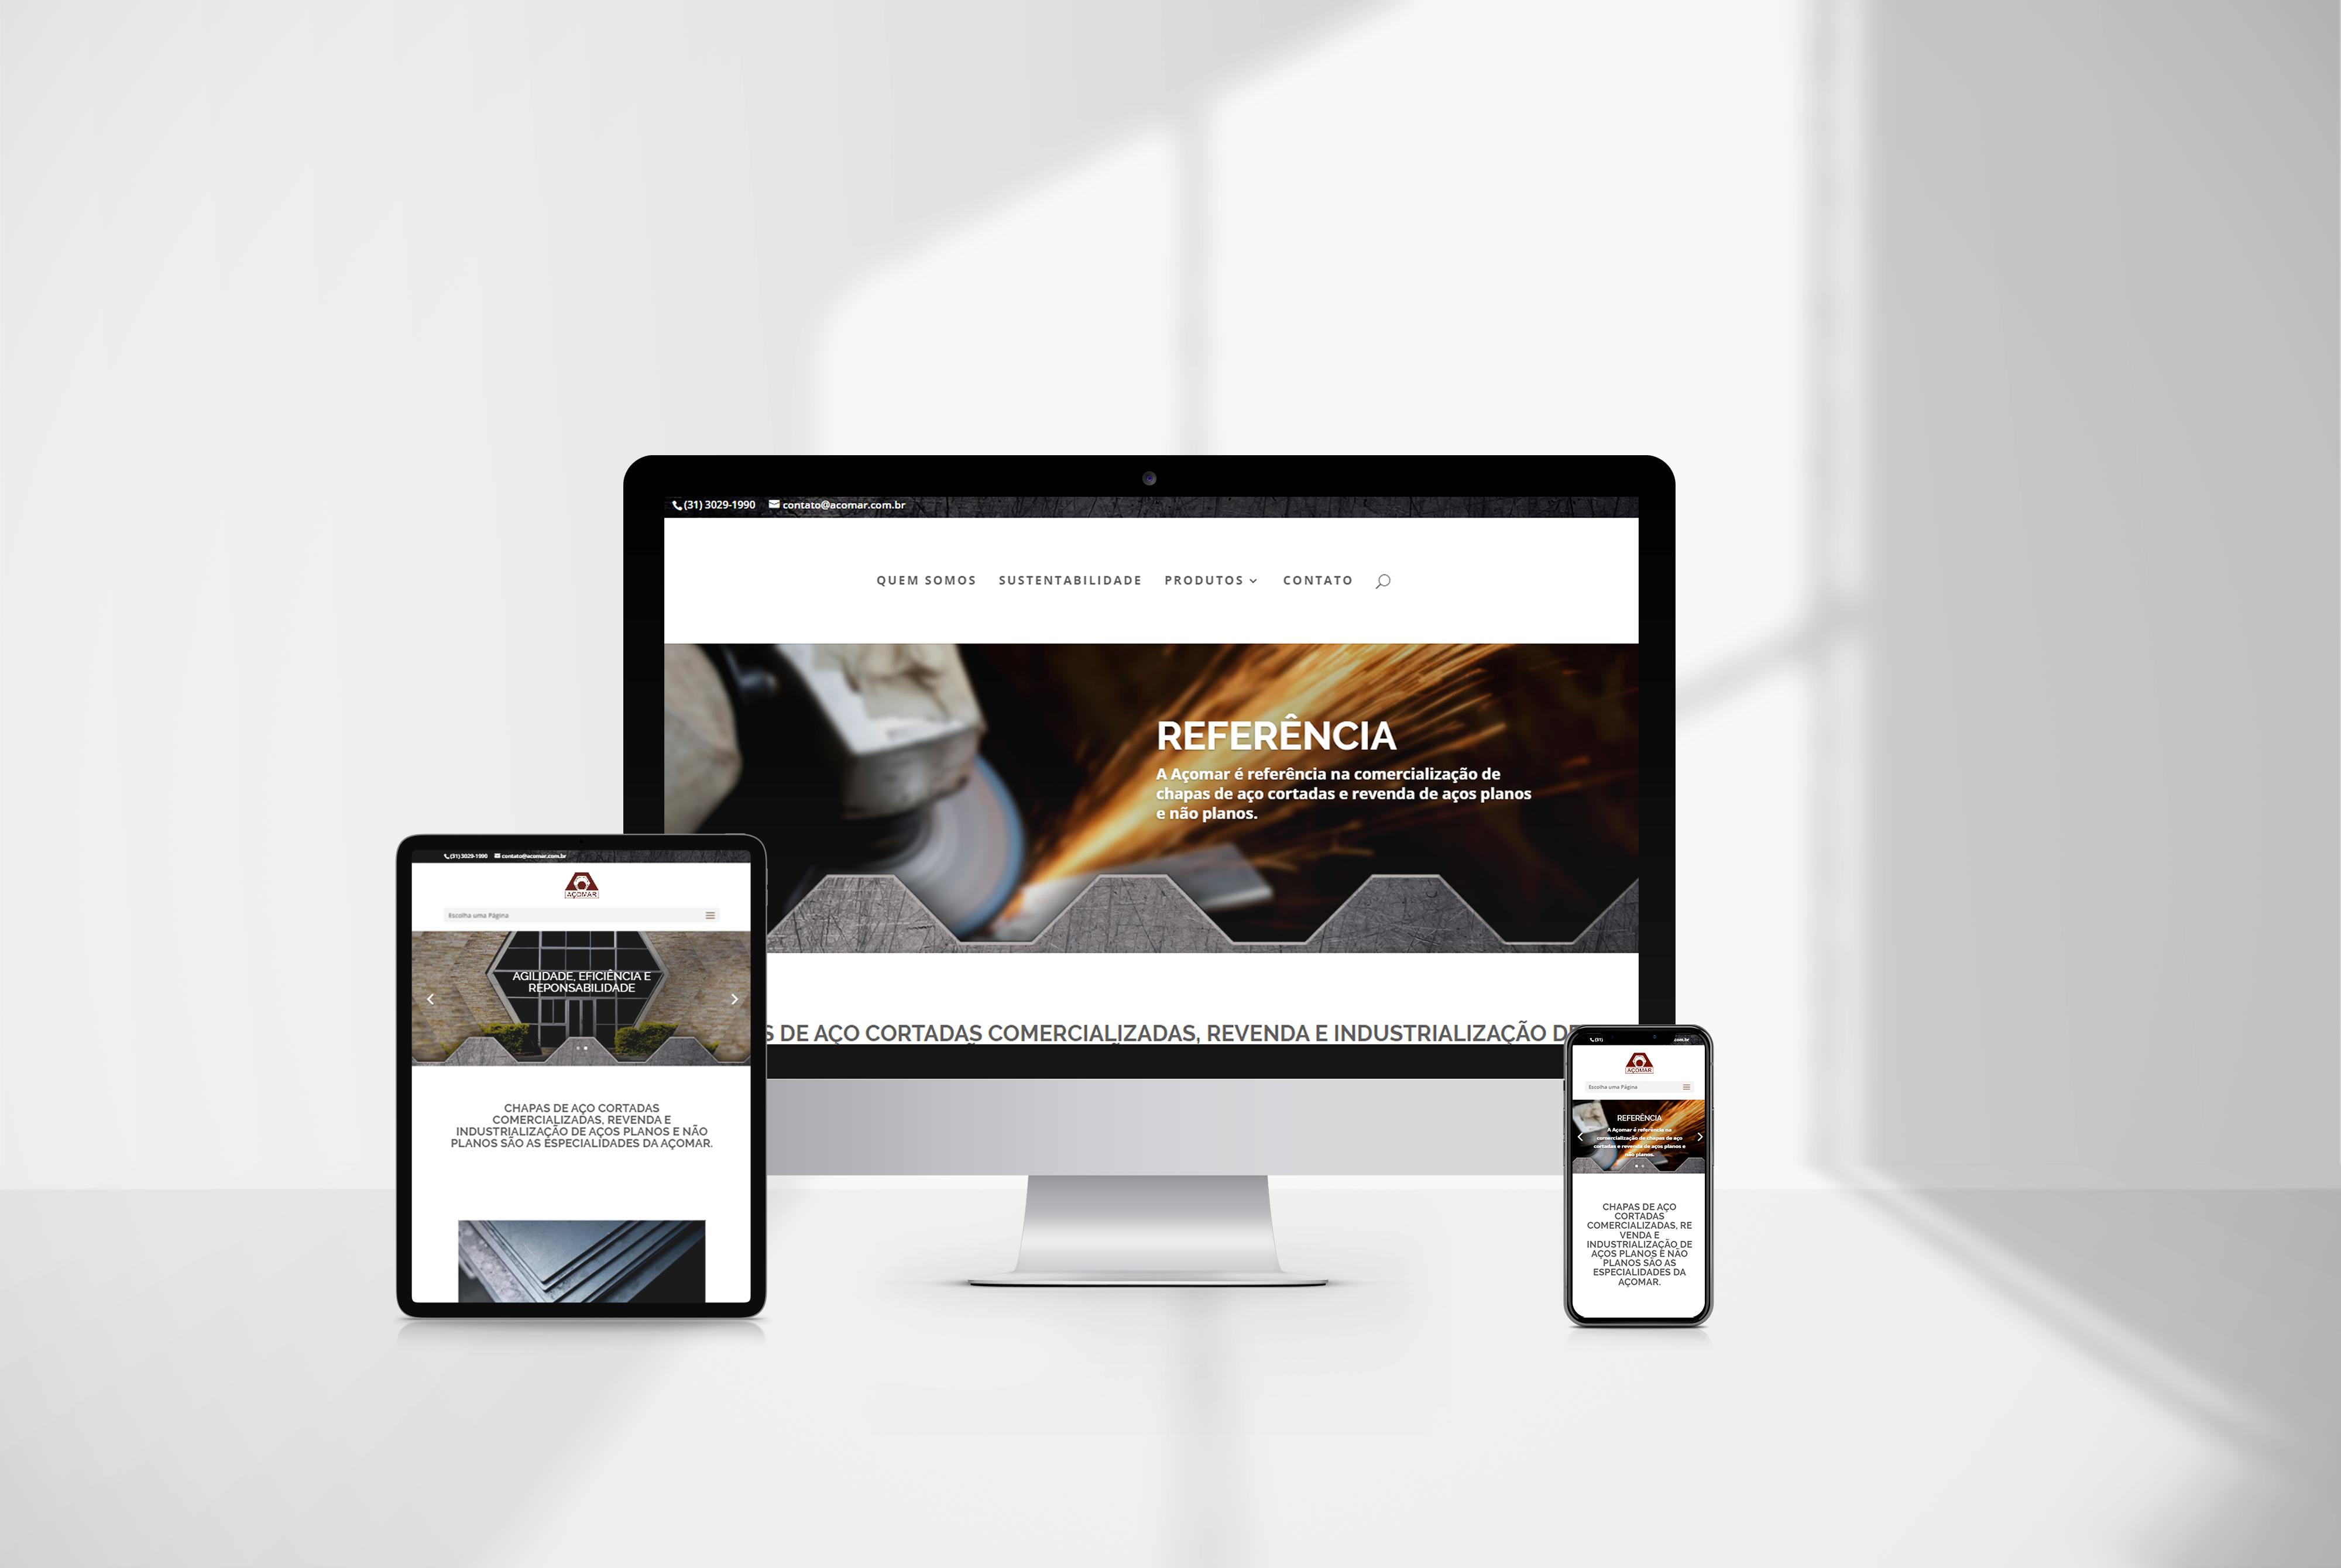 criacao de sites acomar - agencia de marketing digital casanova digital